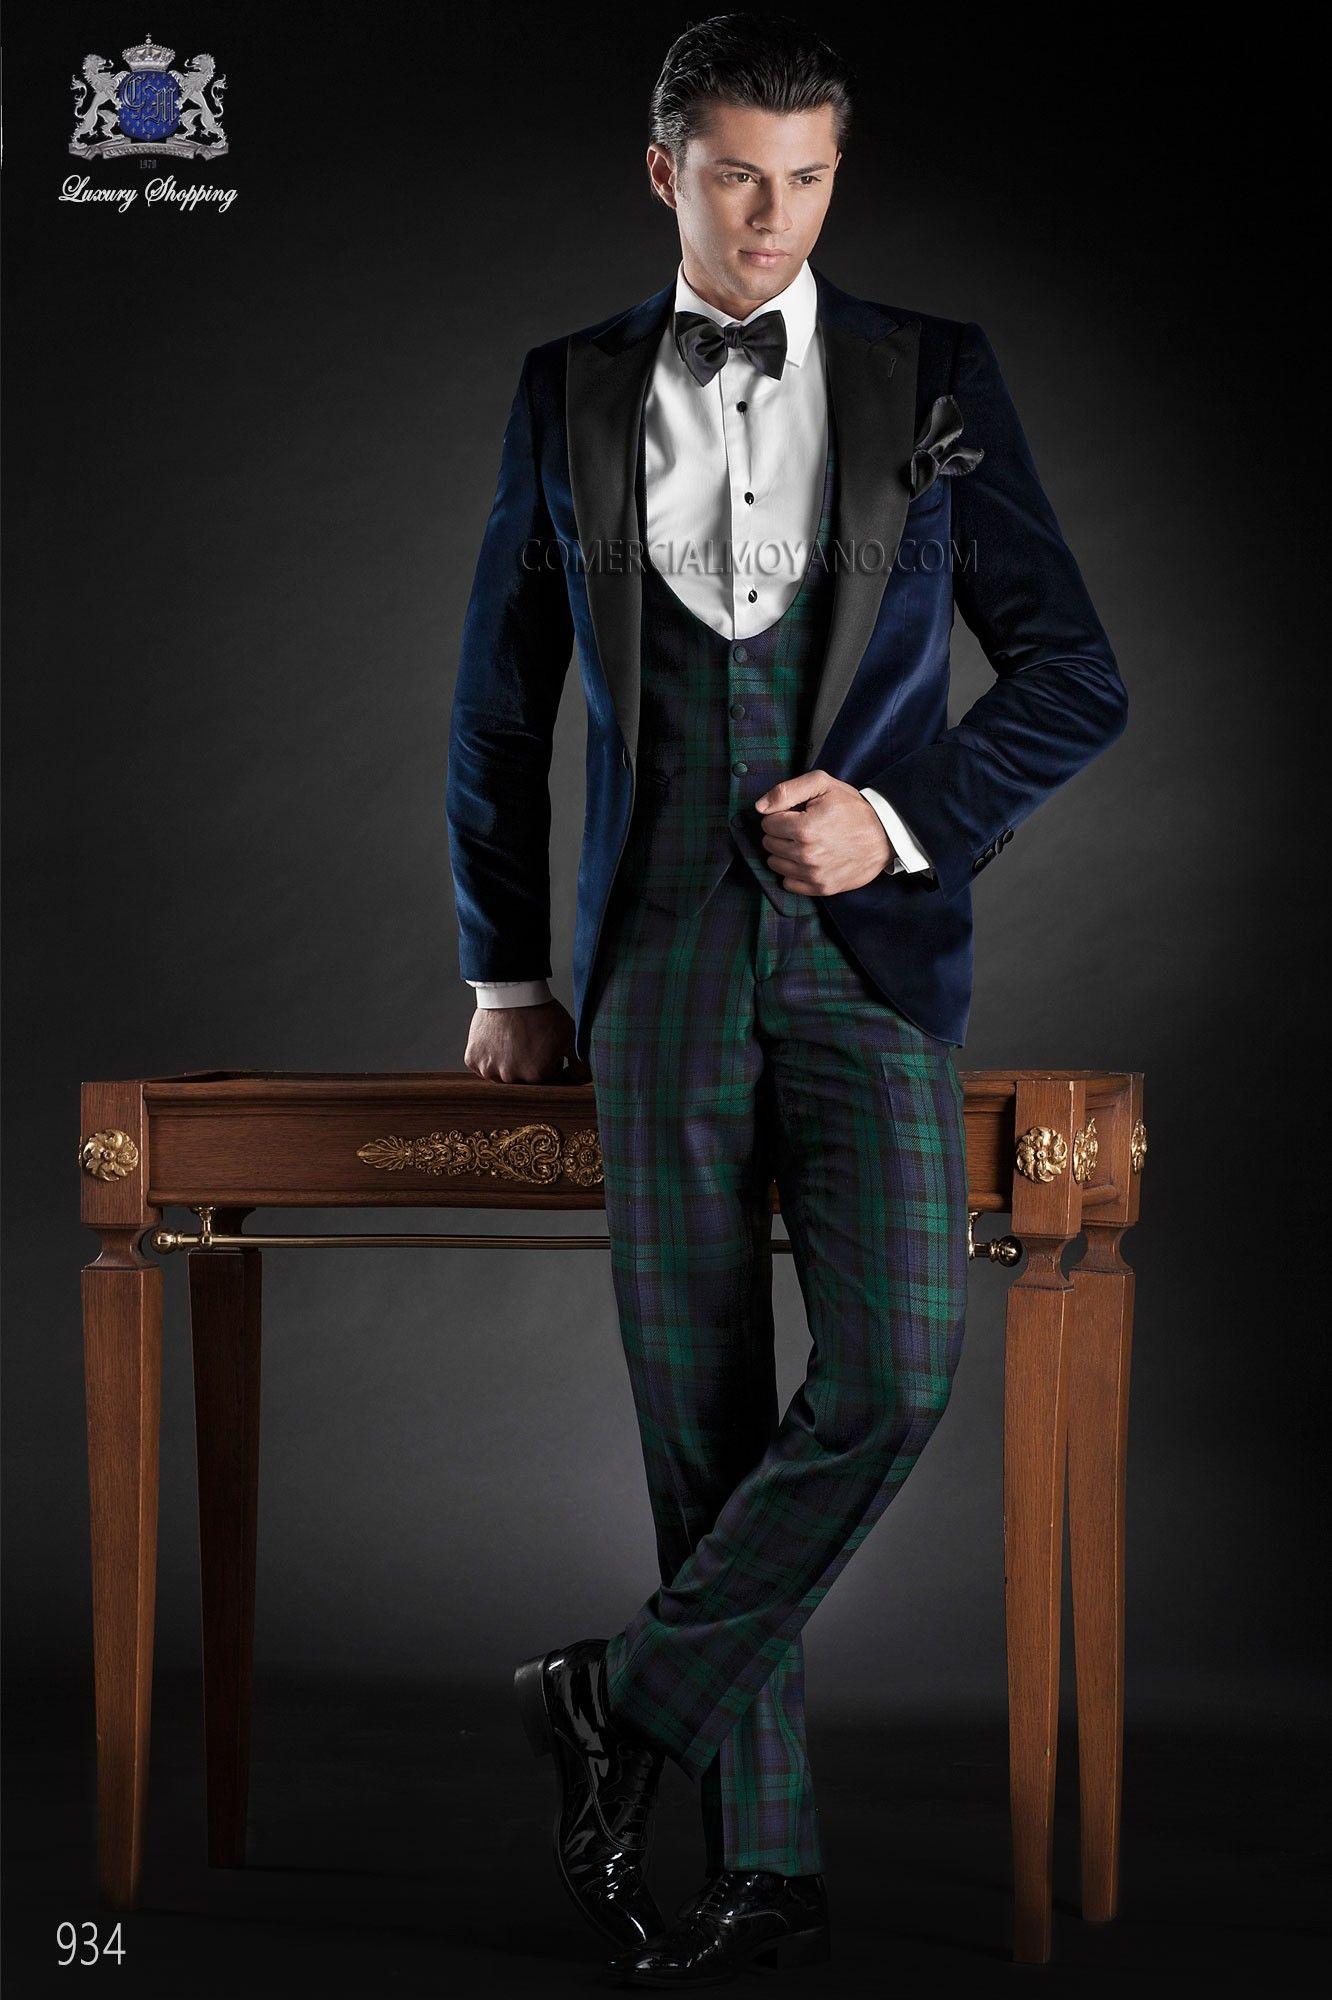 Traje italiano a medida, chaqueta de terciopelo azul con solapa pico en raso negro y un boton; coordinado con pantalon tartan, modelo 934 Ottavio Nuccio Gala colección Black Tie 2015.